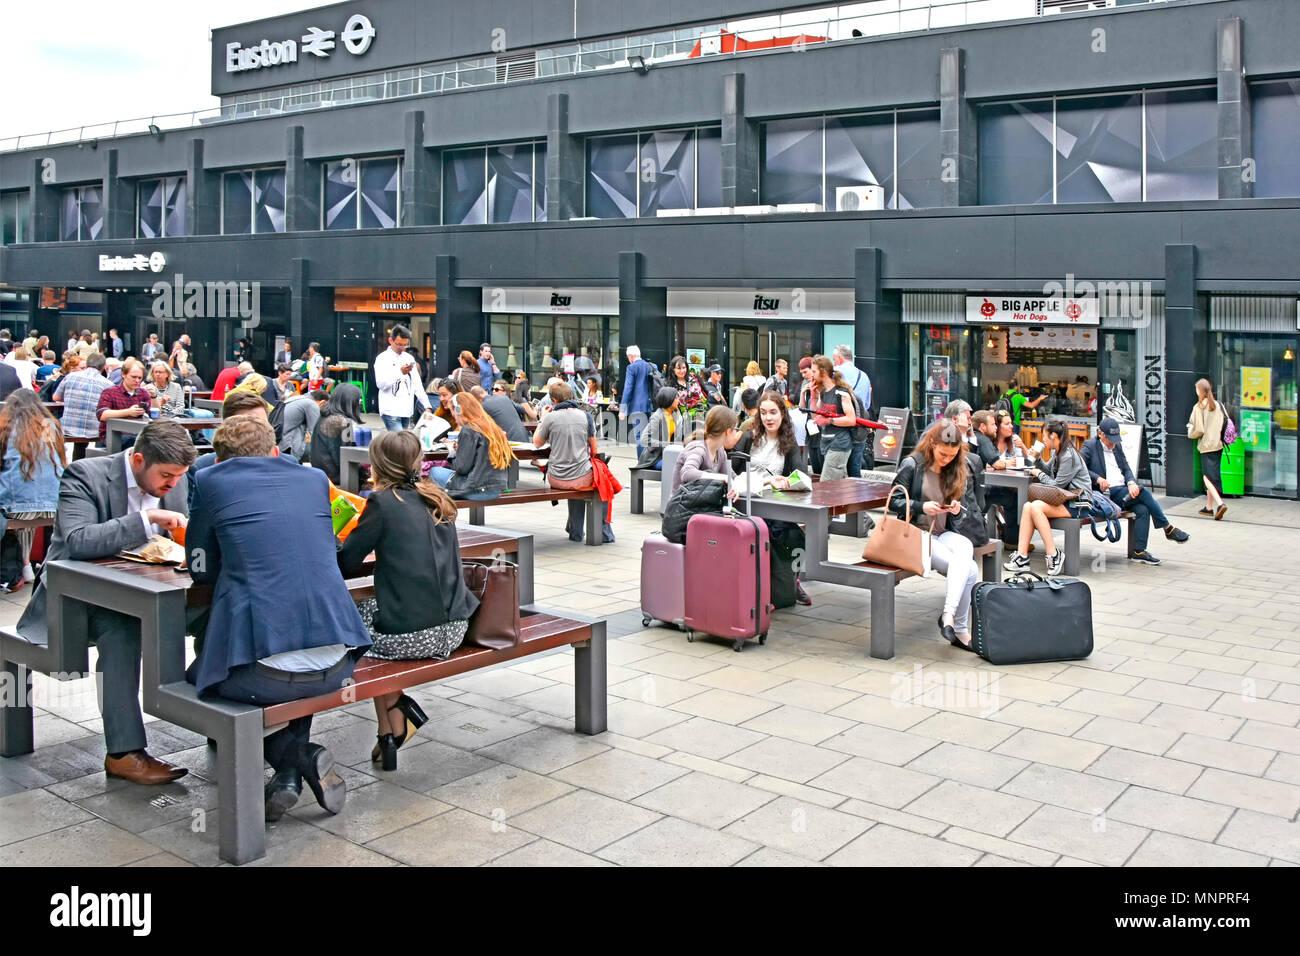 Foule de gens les voyages en train d'attendre au table de pique-nique à l'extérieur de Londres Euston gare certains avec valise assurance restauration rapide café boutiques au-delà UK Photo Stock